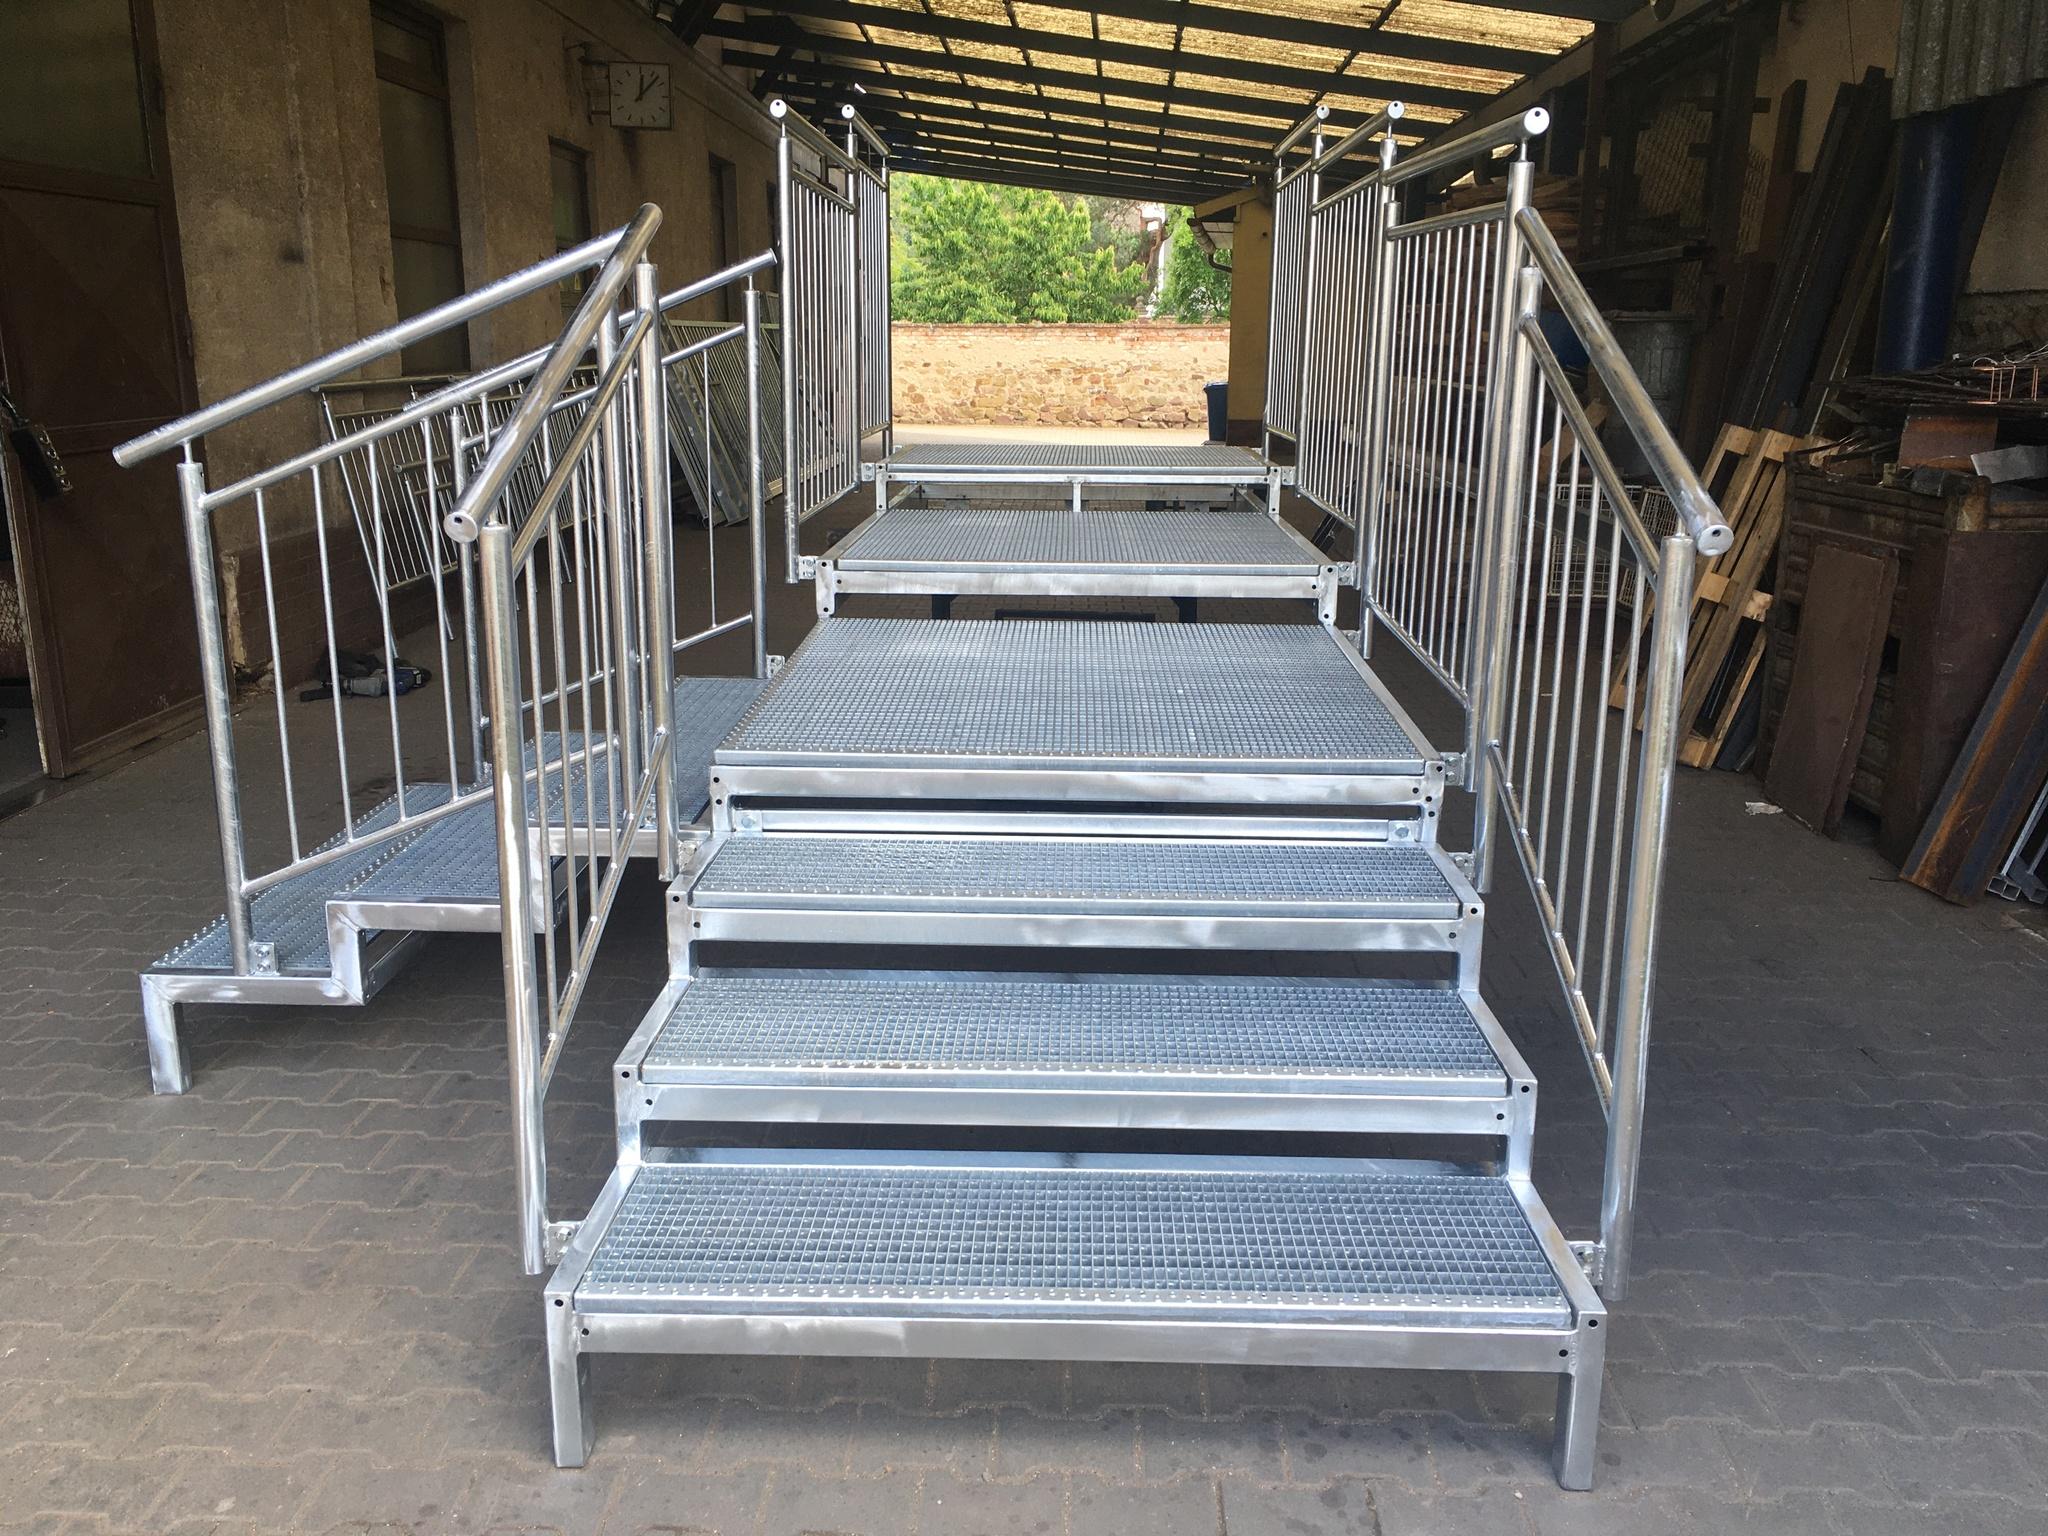 Konstrukce rampy, podesta a schody s pororošty a zábradlí, zinek